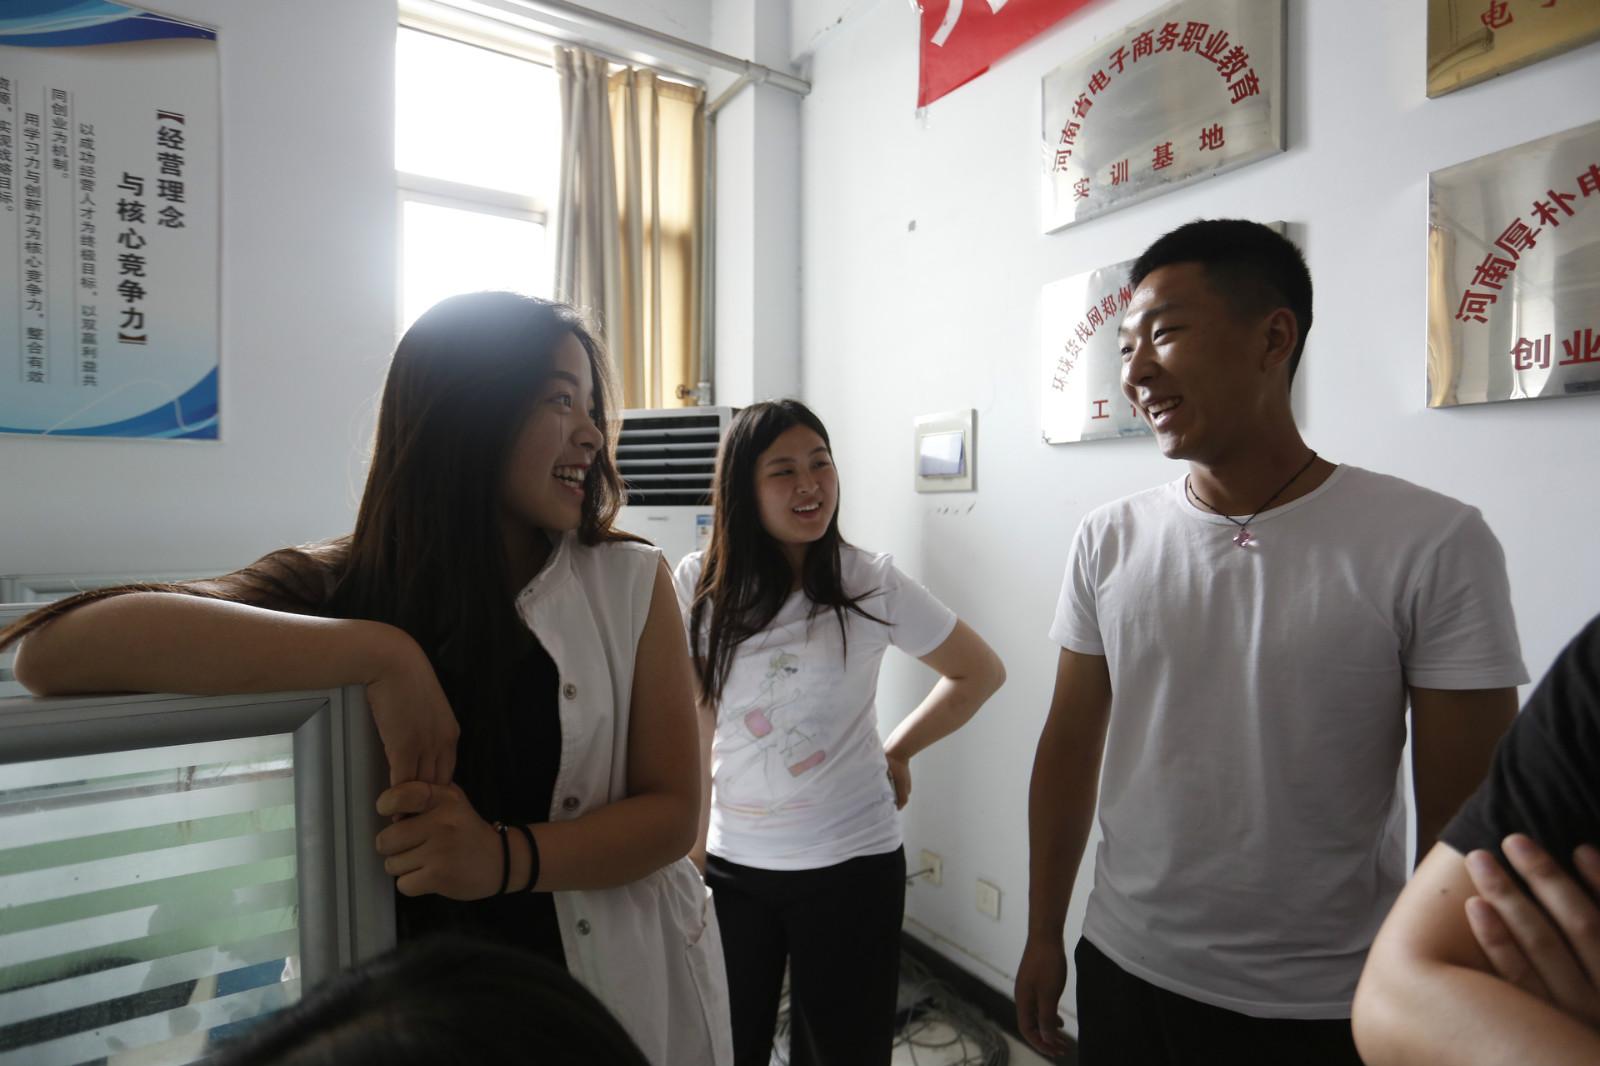 几个大学生,构建起少林寺食品旗舰店,半年营业额高达50万_meitu_5